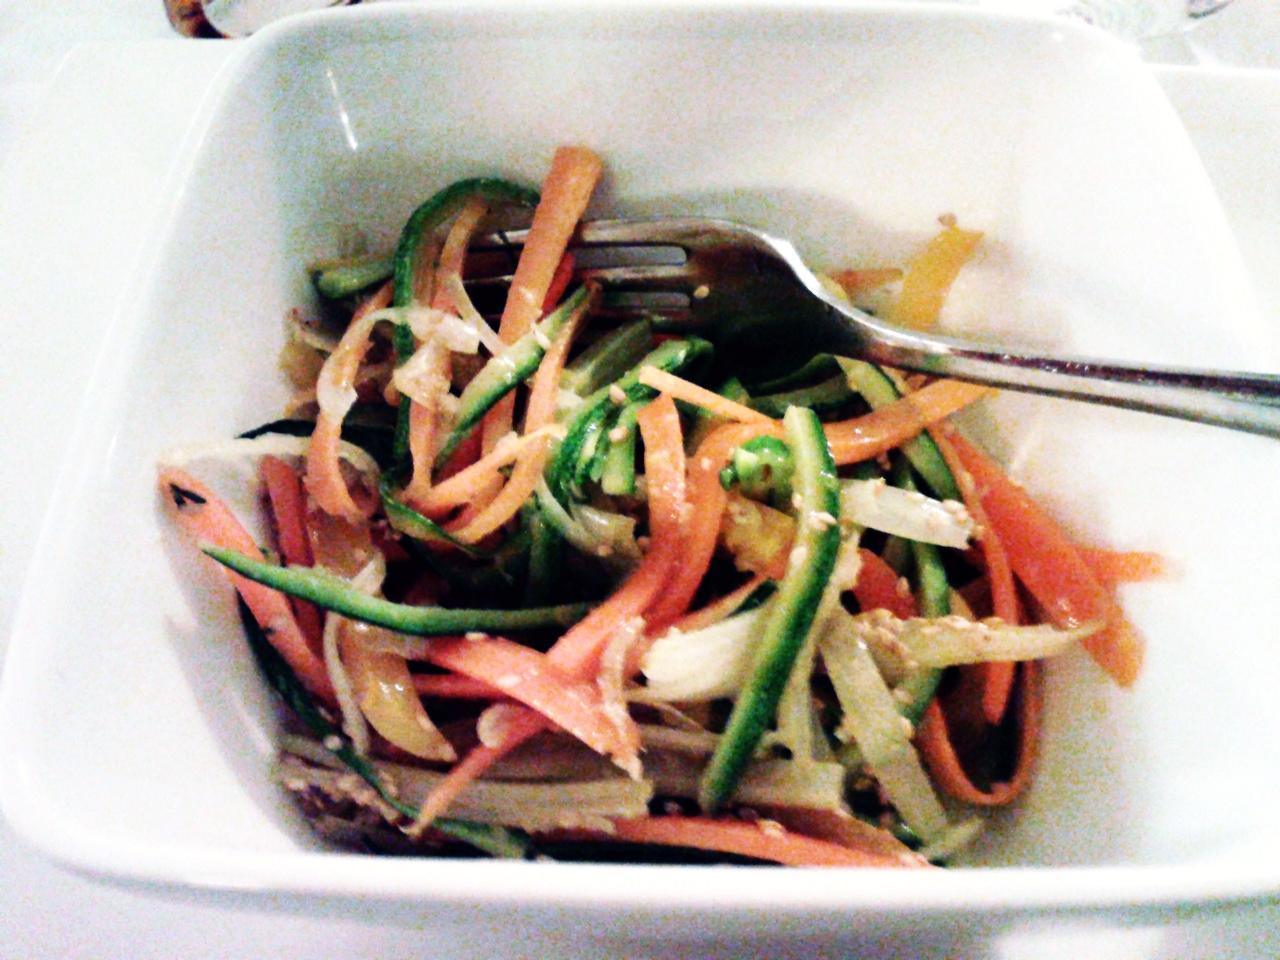 nella foto si vede una ciotola di verdure a lamelle